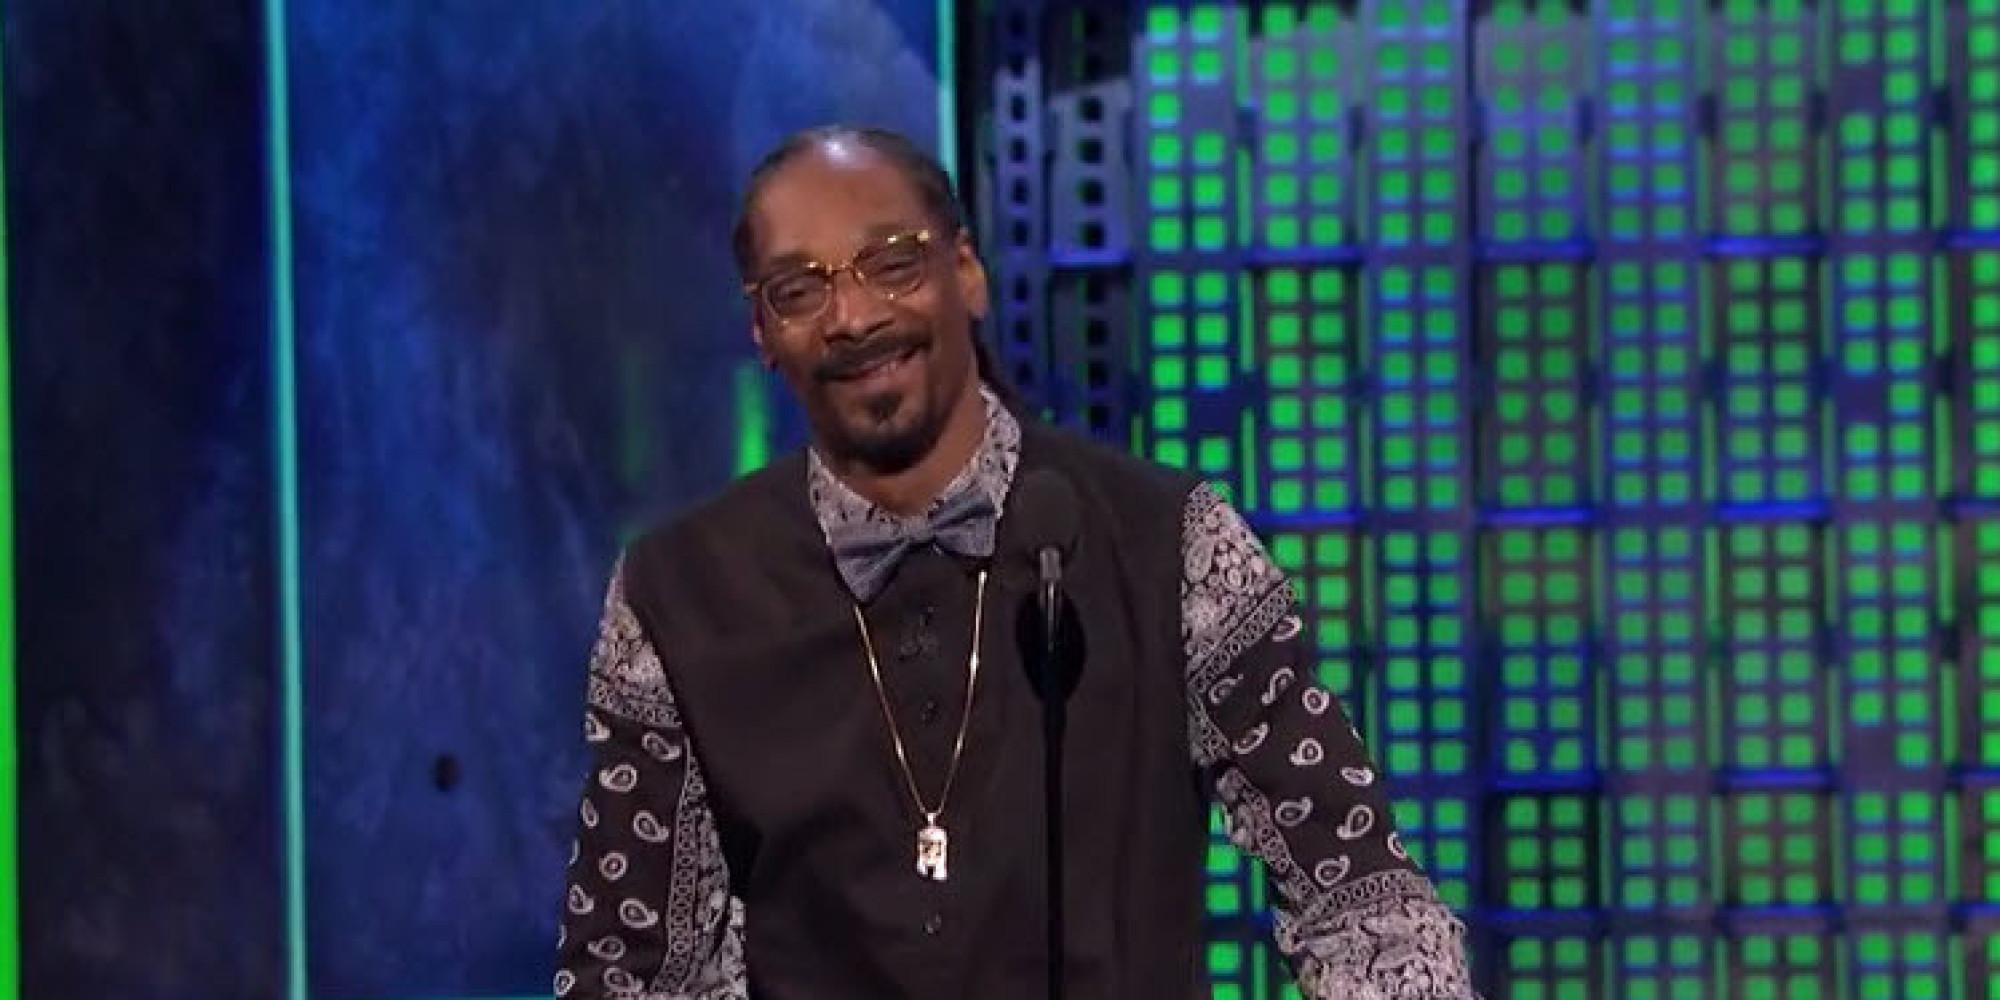 Peek Snoop Dogg Makes a '